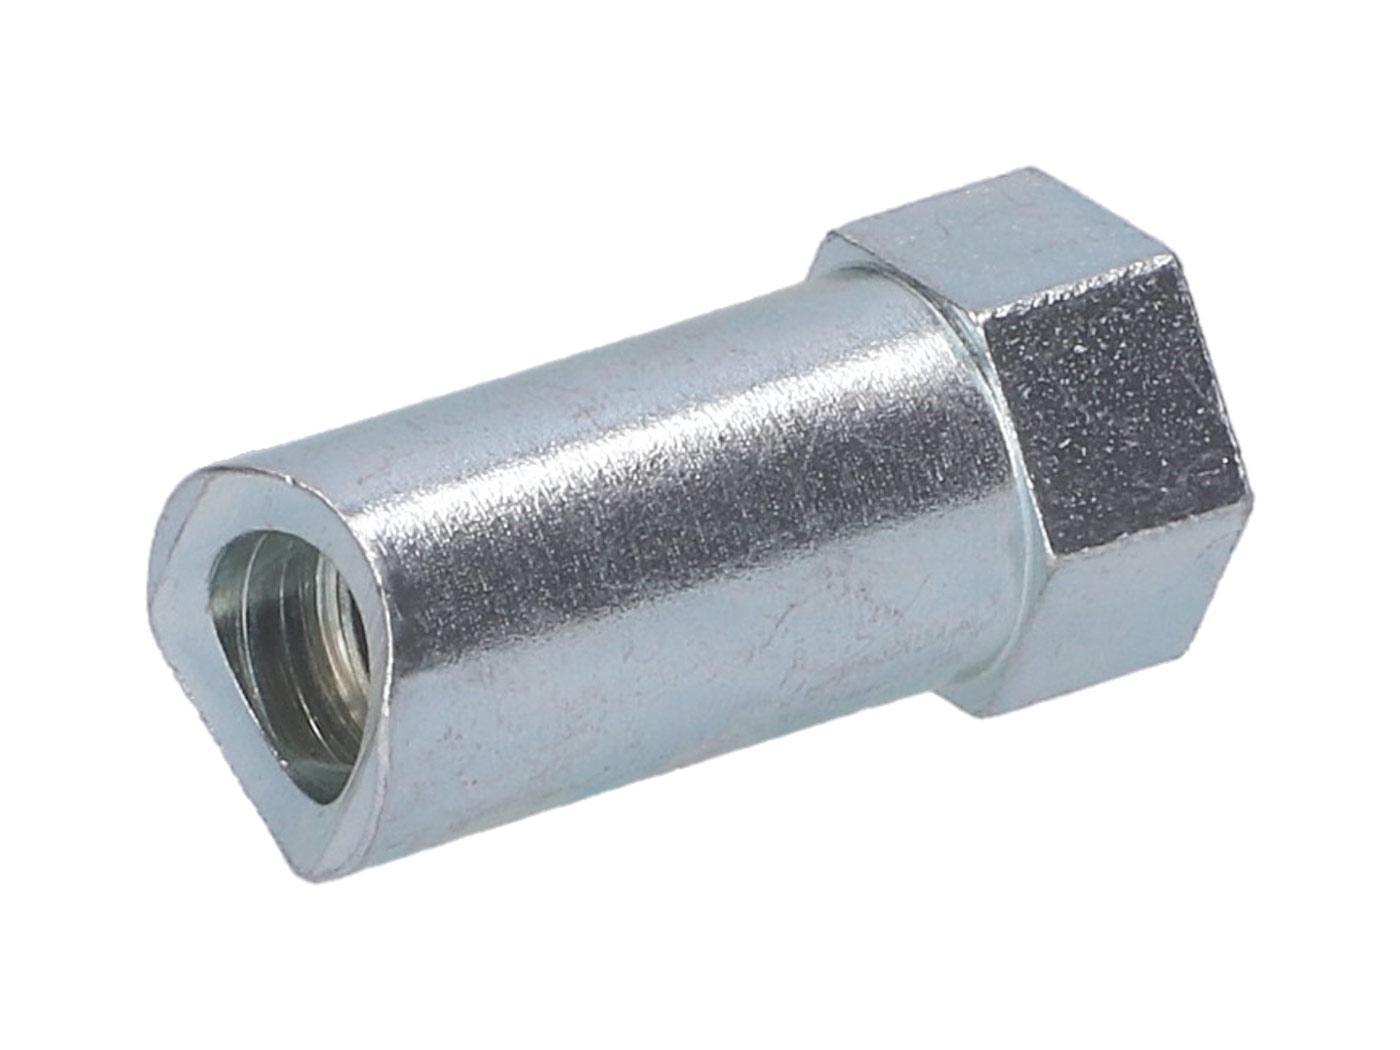 Bremszug einstellmutter m6x23mm